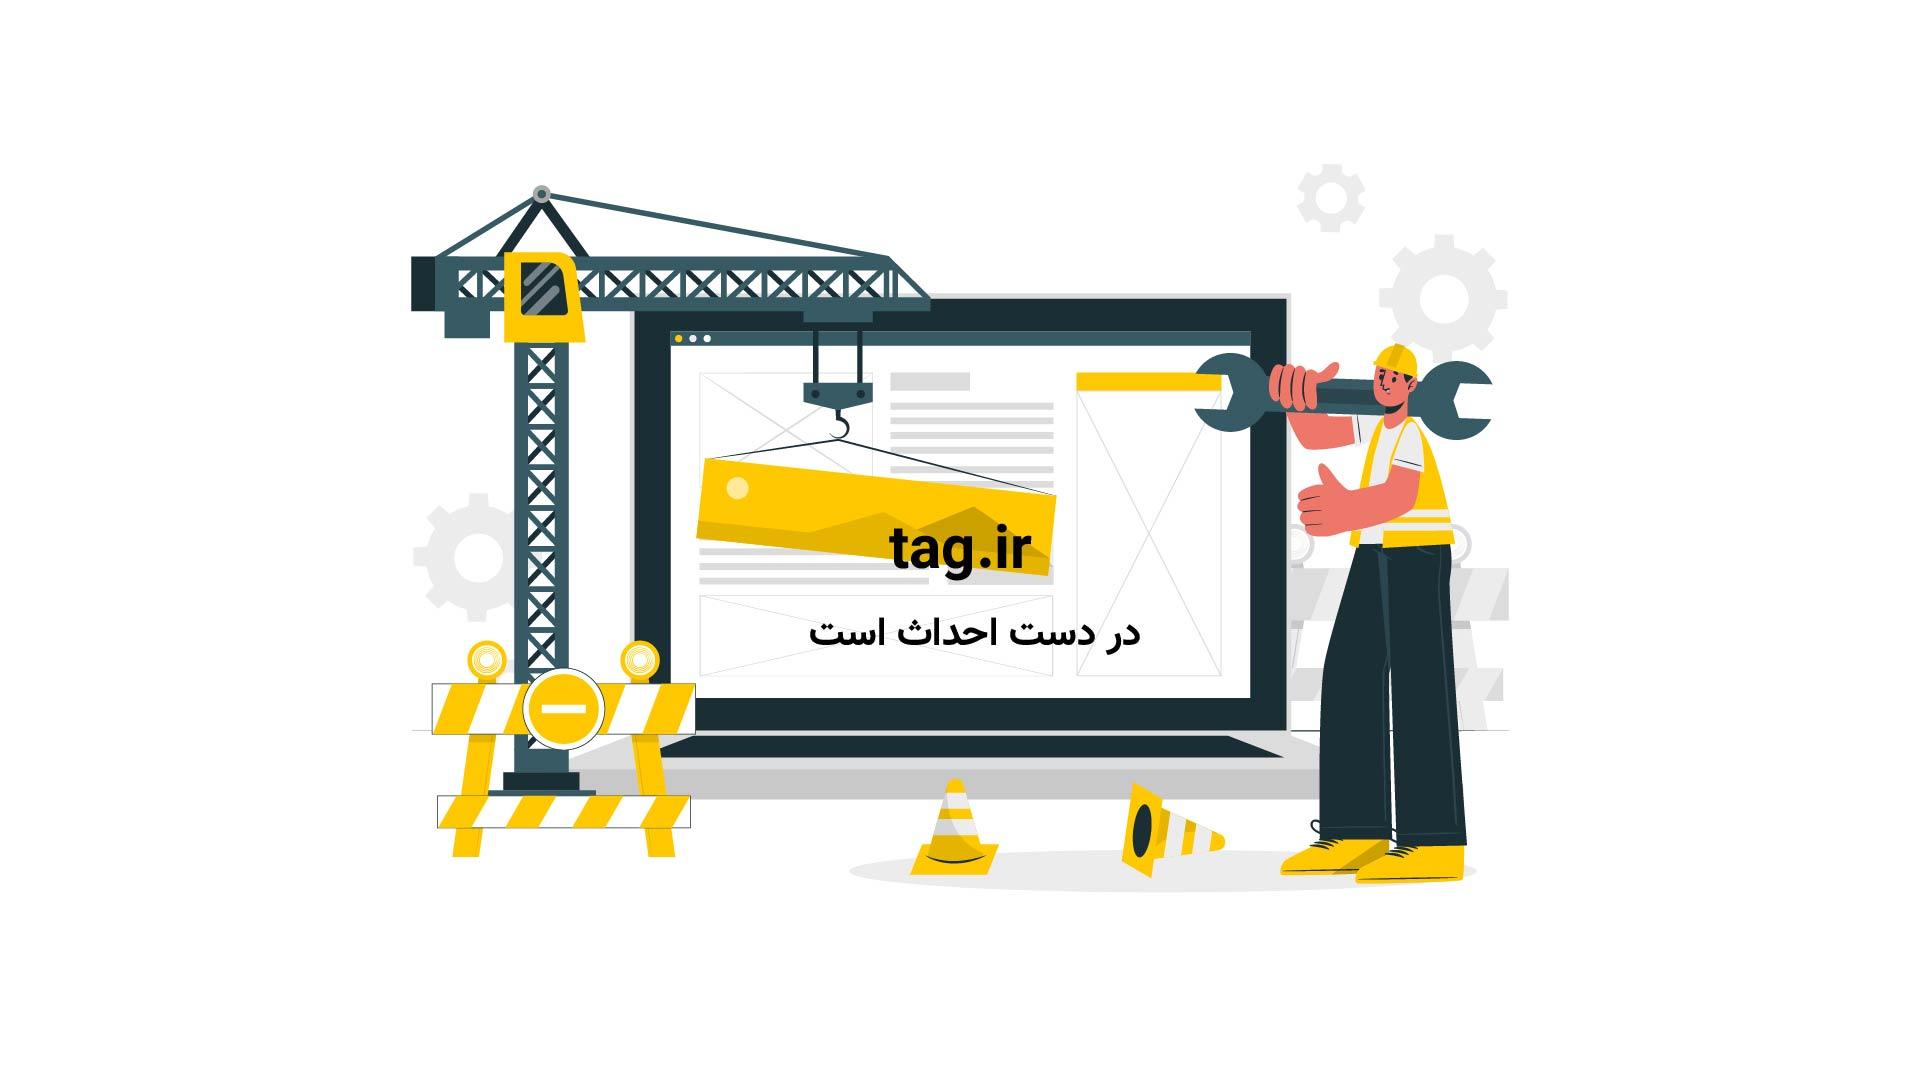 سخنرانیهای تد؛ توضیحاتی جالب درباره صنعتی که محرمانه مانده است | فیلم